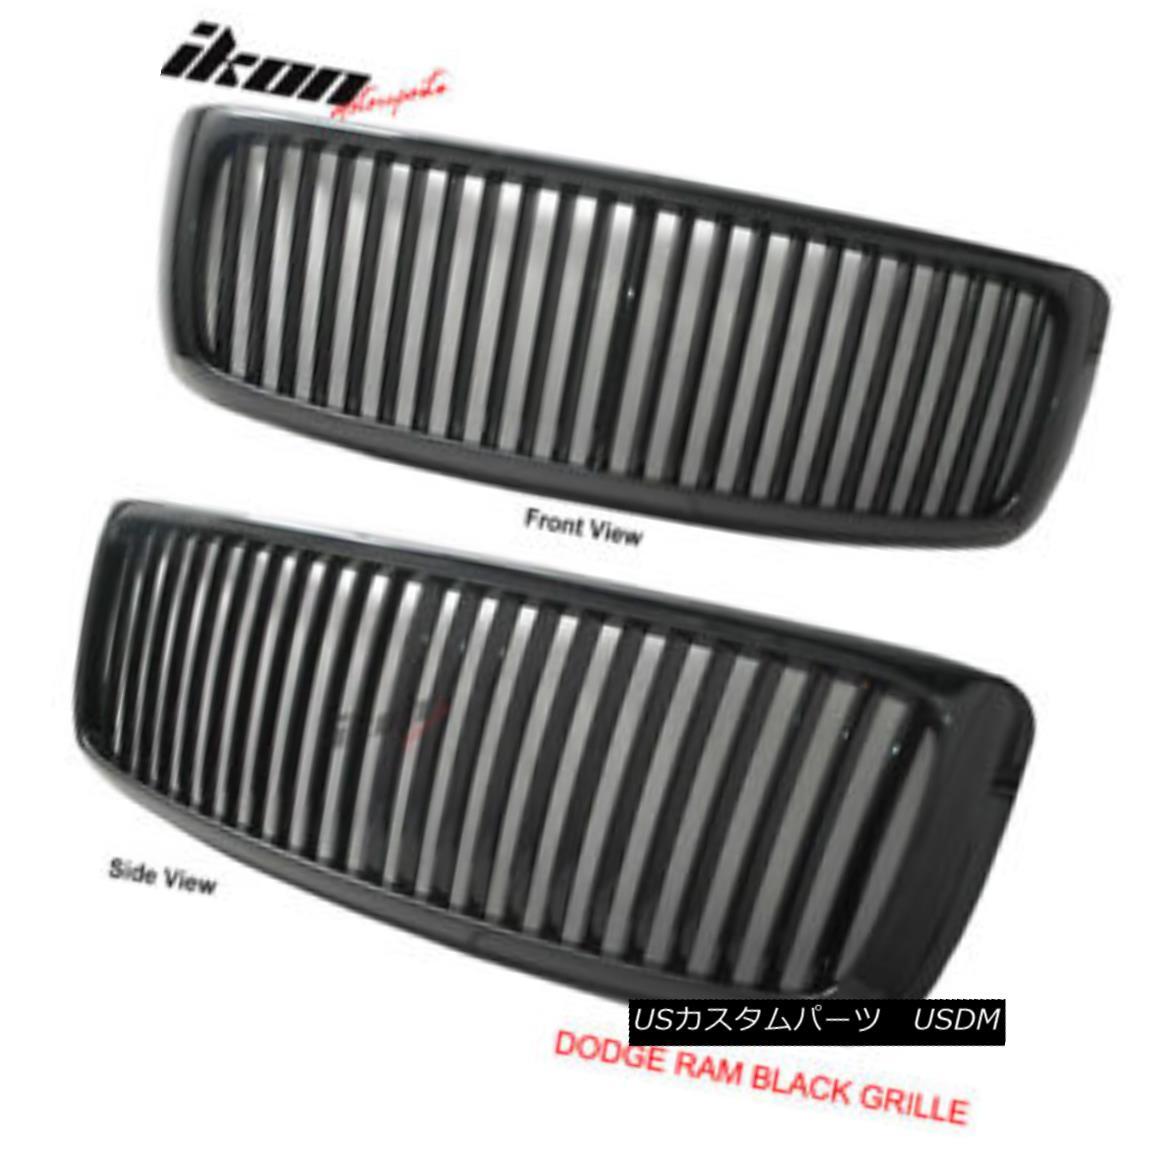 グリル Fits 02-05 Dodge Ram 1500 2500 Vertical Black Grill Grille フィット02-05ダッジラム1500 2500バーチカルブラックグリルグリル